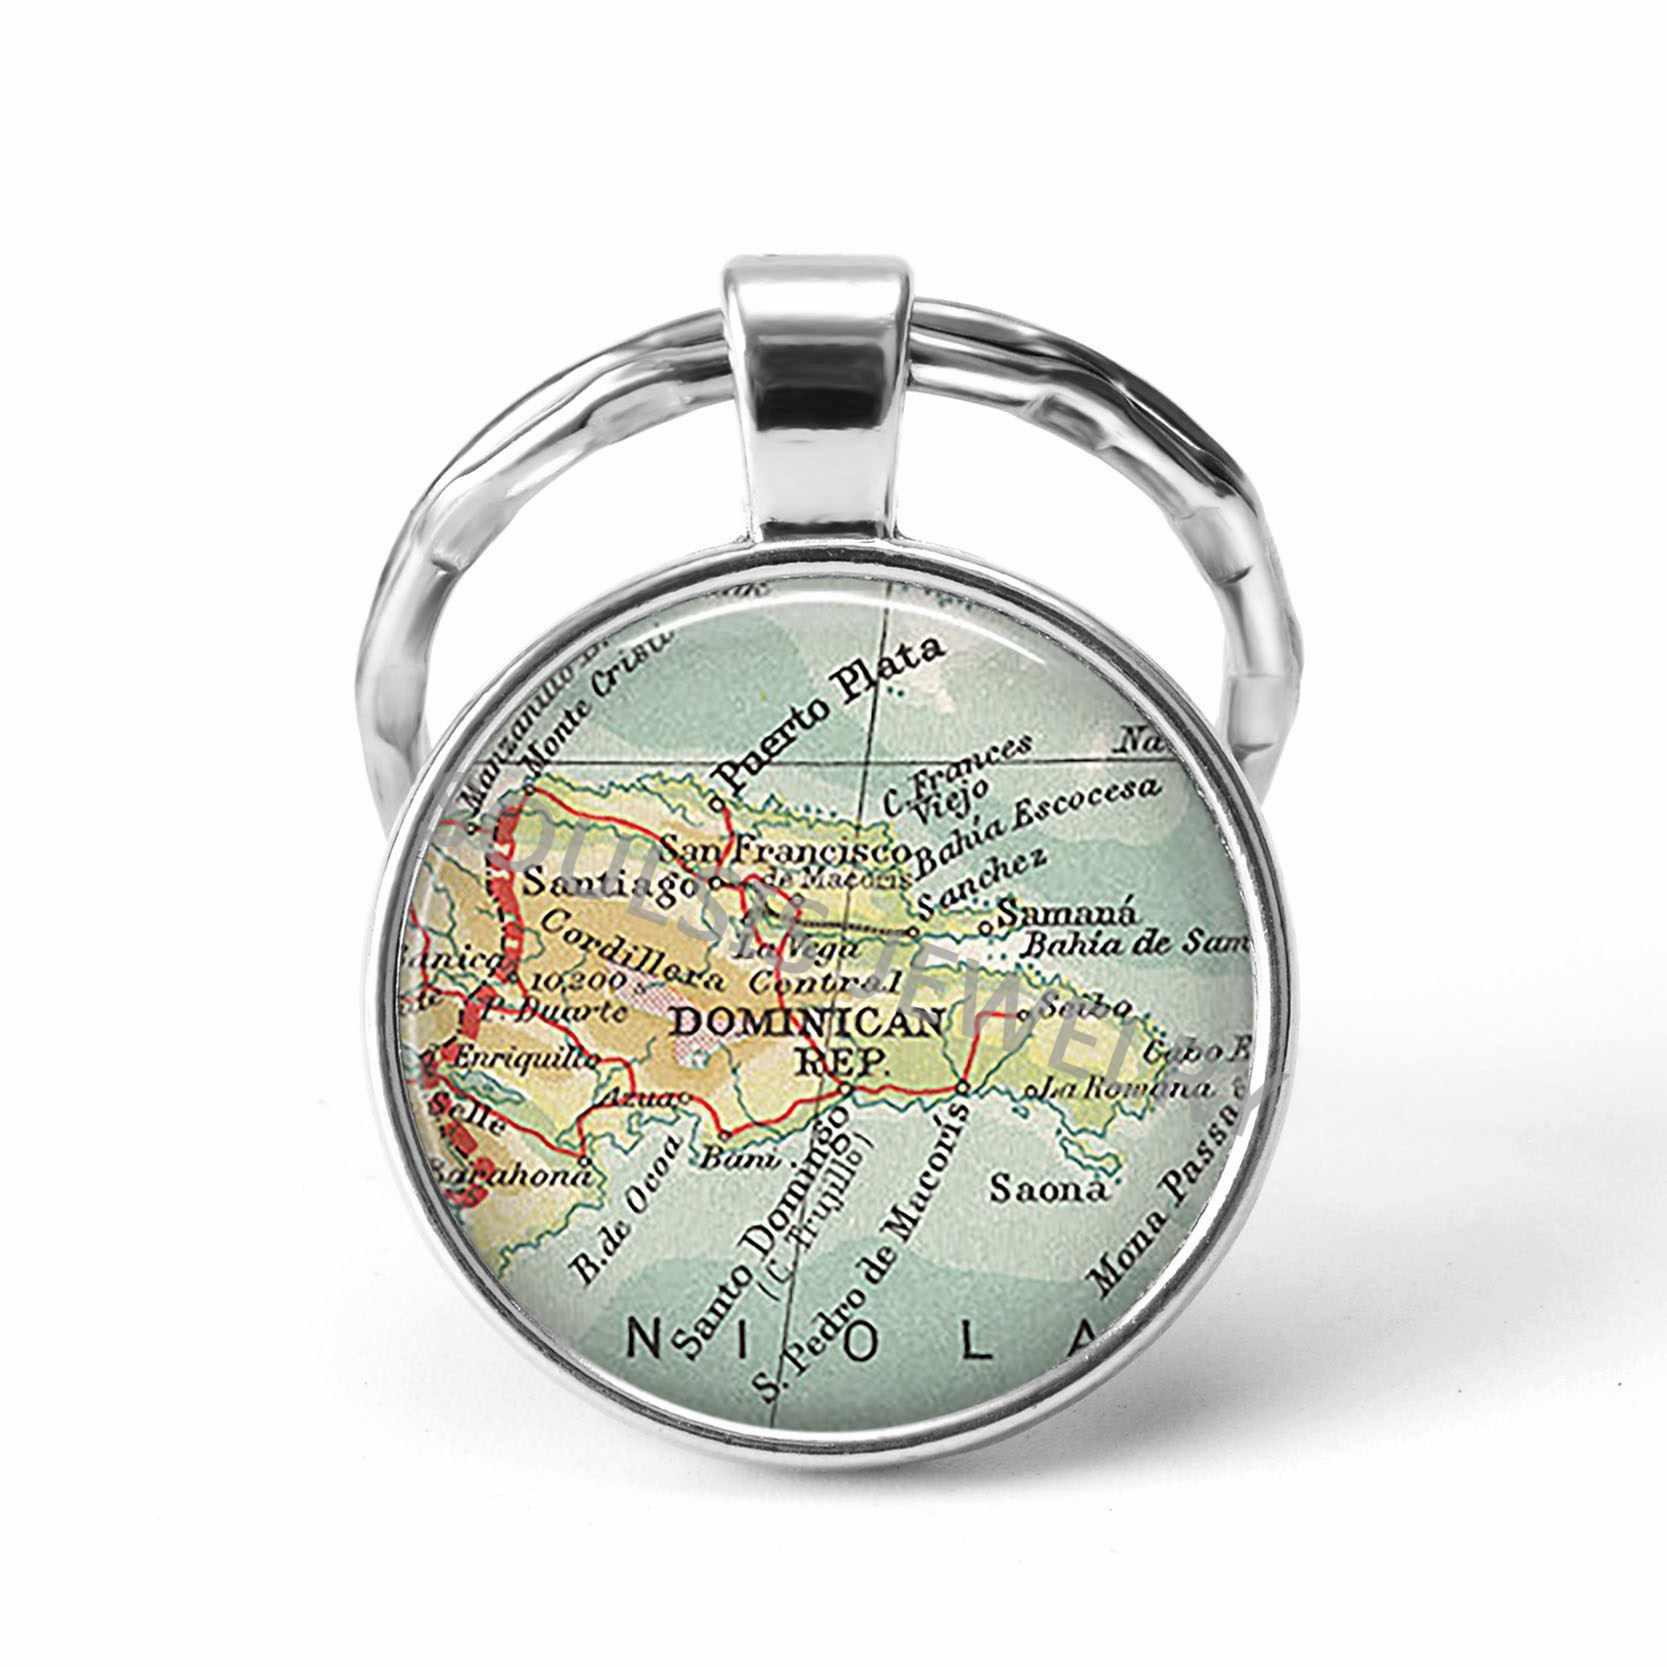 2019 أحدث ميدالية مفاتيح معدنية اليدوية خمر اسبانيا العالم خريطة الأرض الجغرافيا مفتاح سلسلة الزجاج قبة سلاسل المفاتيح للرجال النساء هدية